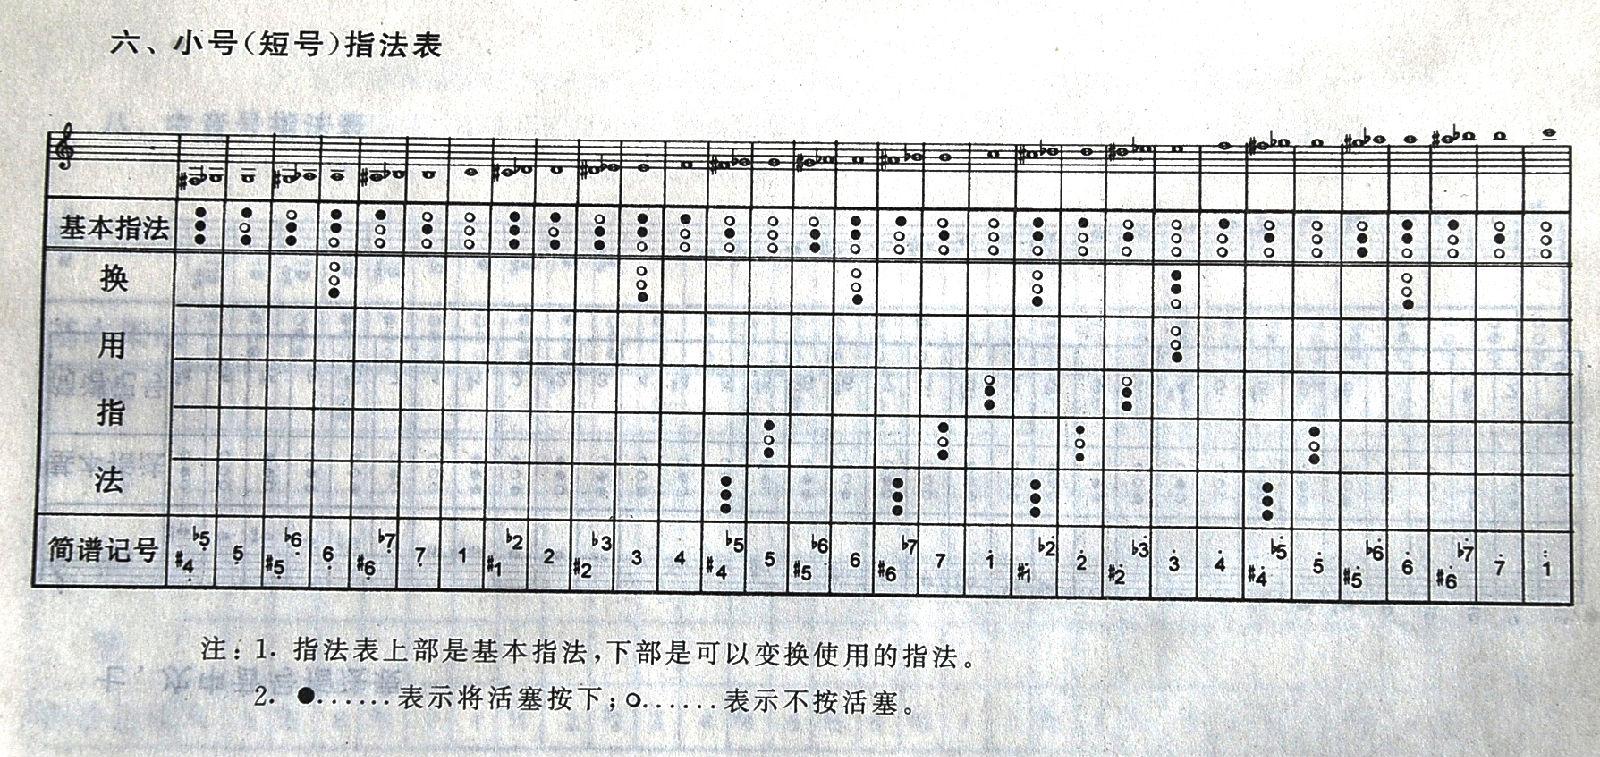 单簧管指法图_小号指法图图片展示_小号指法图相关图片下载